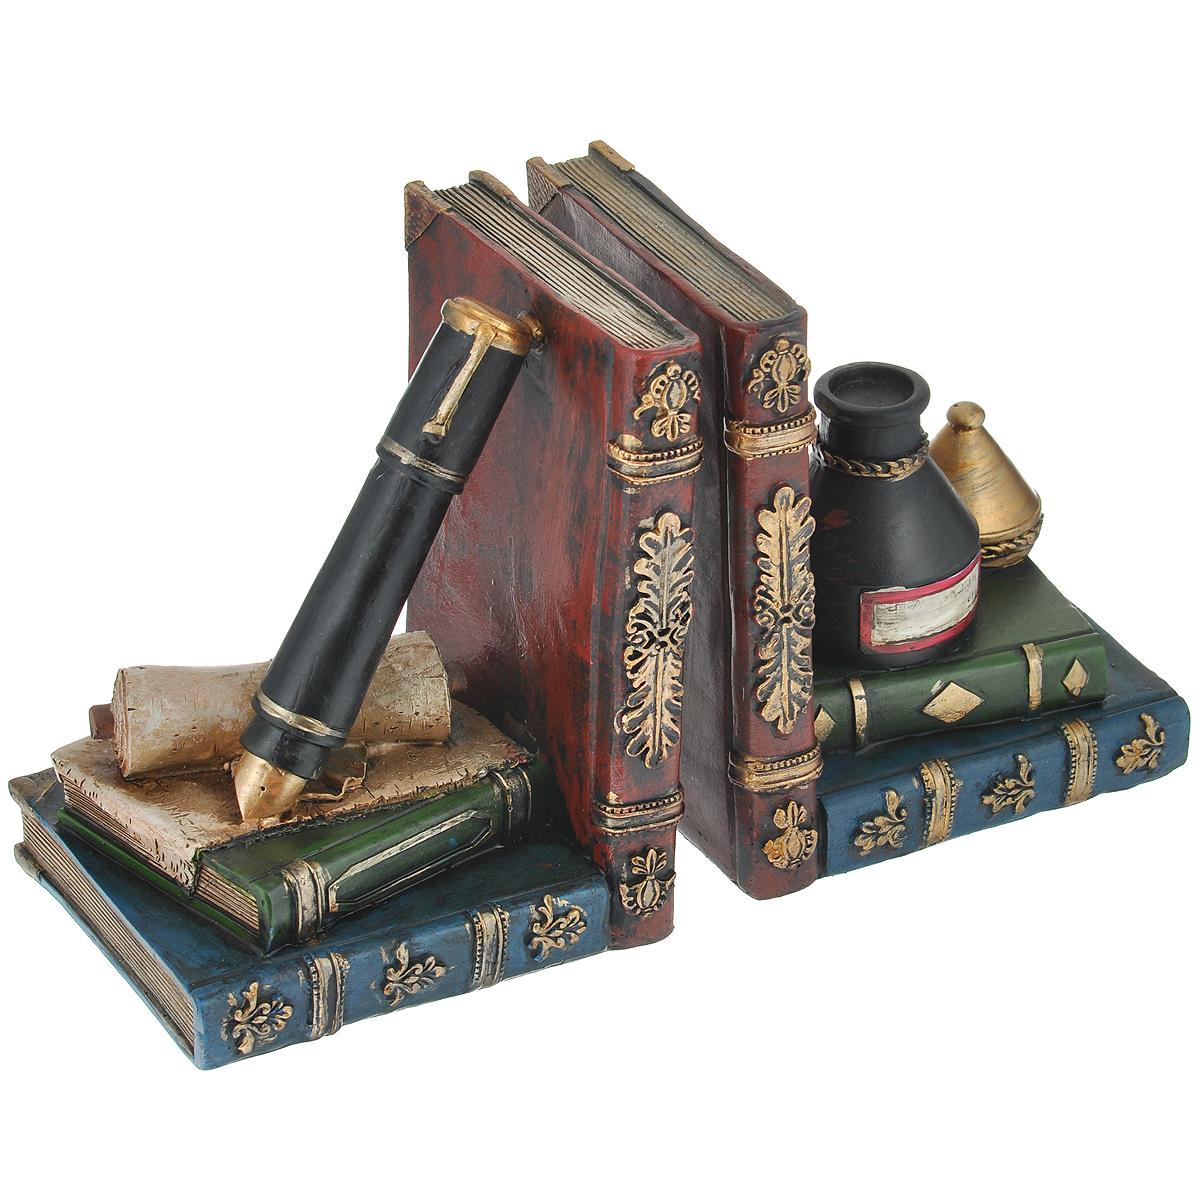 Декоративная подставка-ограничитель для книг Феникс-презент Алхимия, 2 шт36127Подставка-ограничитель для книг Алхимия, изготовленная из полирезины, состоит из двух частей, с помощью которых можно подпирать книги с двух сторон. Изделия выполнены в виде книг, пера и чернил. Между ограничителями можно поместить неограниченное количество книг. Подставка-ограничитель для книг Алхимия - это не только подставка для книг, но и интересный элемент декора, который ярко дополнит интерьер помещения. Размер одной части подставки-ограничителя: 13 см х 11 см х 15,5 см. Комплектация: 2 шт.